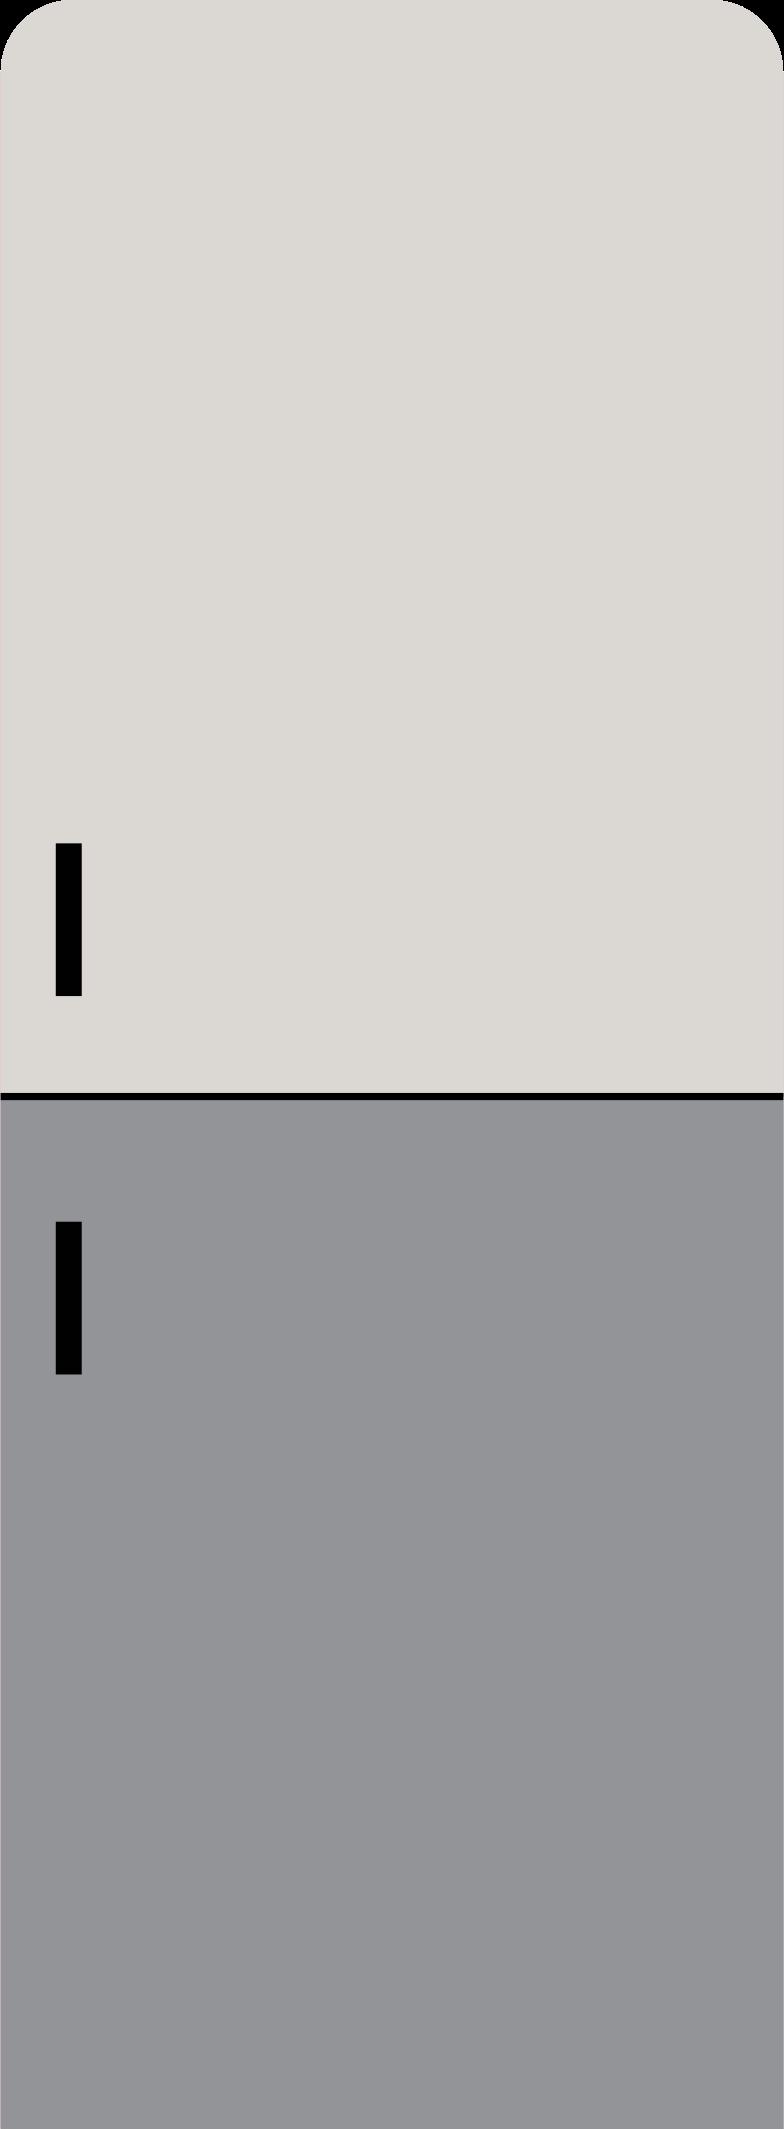 fridge Clipart illustration in PNG, SVG